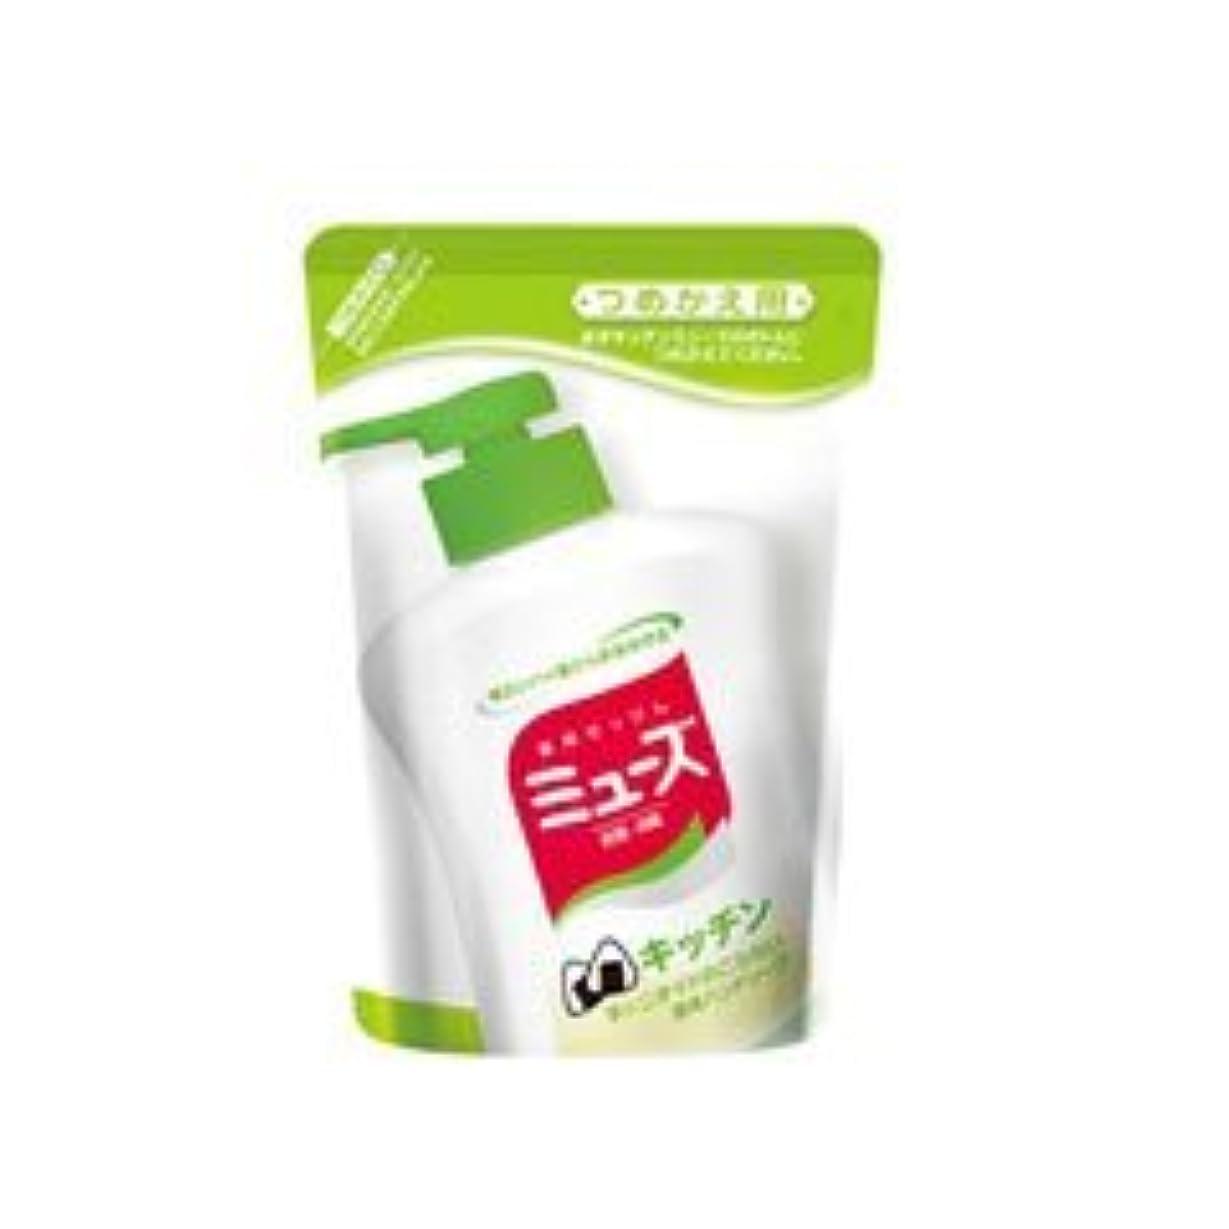 高度な溶融セマフォ【アース製薬】キッチンミューズ 詰め替え 200ml